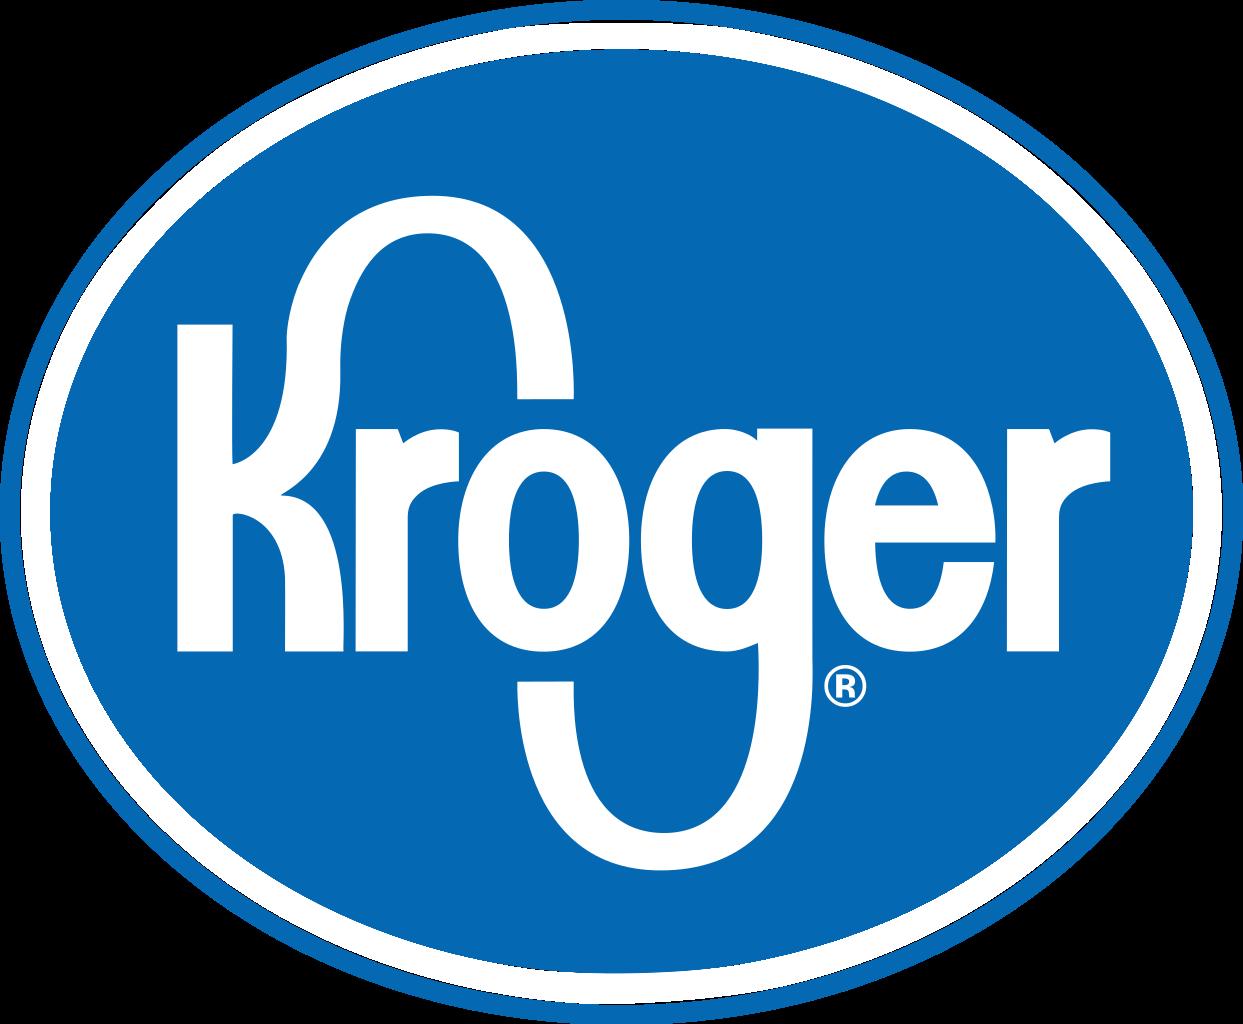 kroger-logo.png